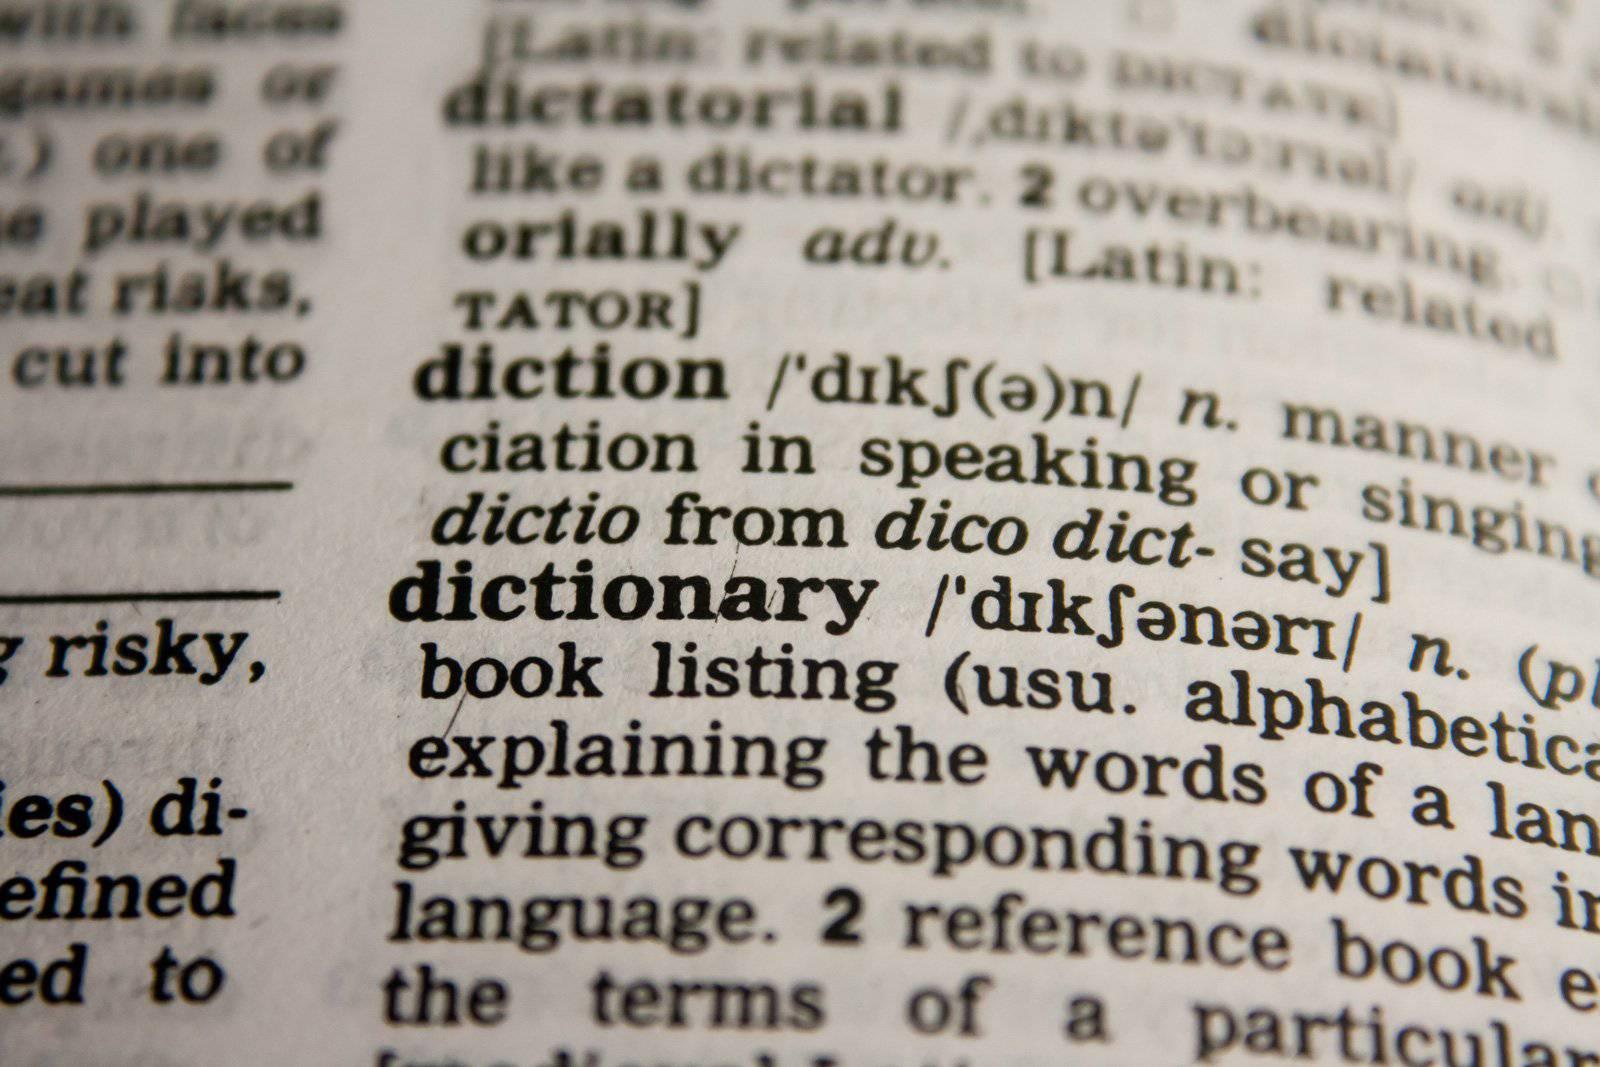 Les meilleurs dictionnaires d'argot anglais (américain ou britannique)